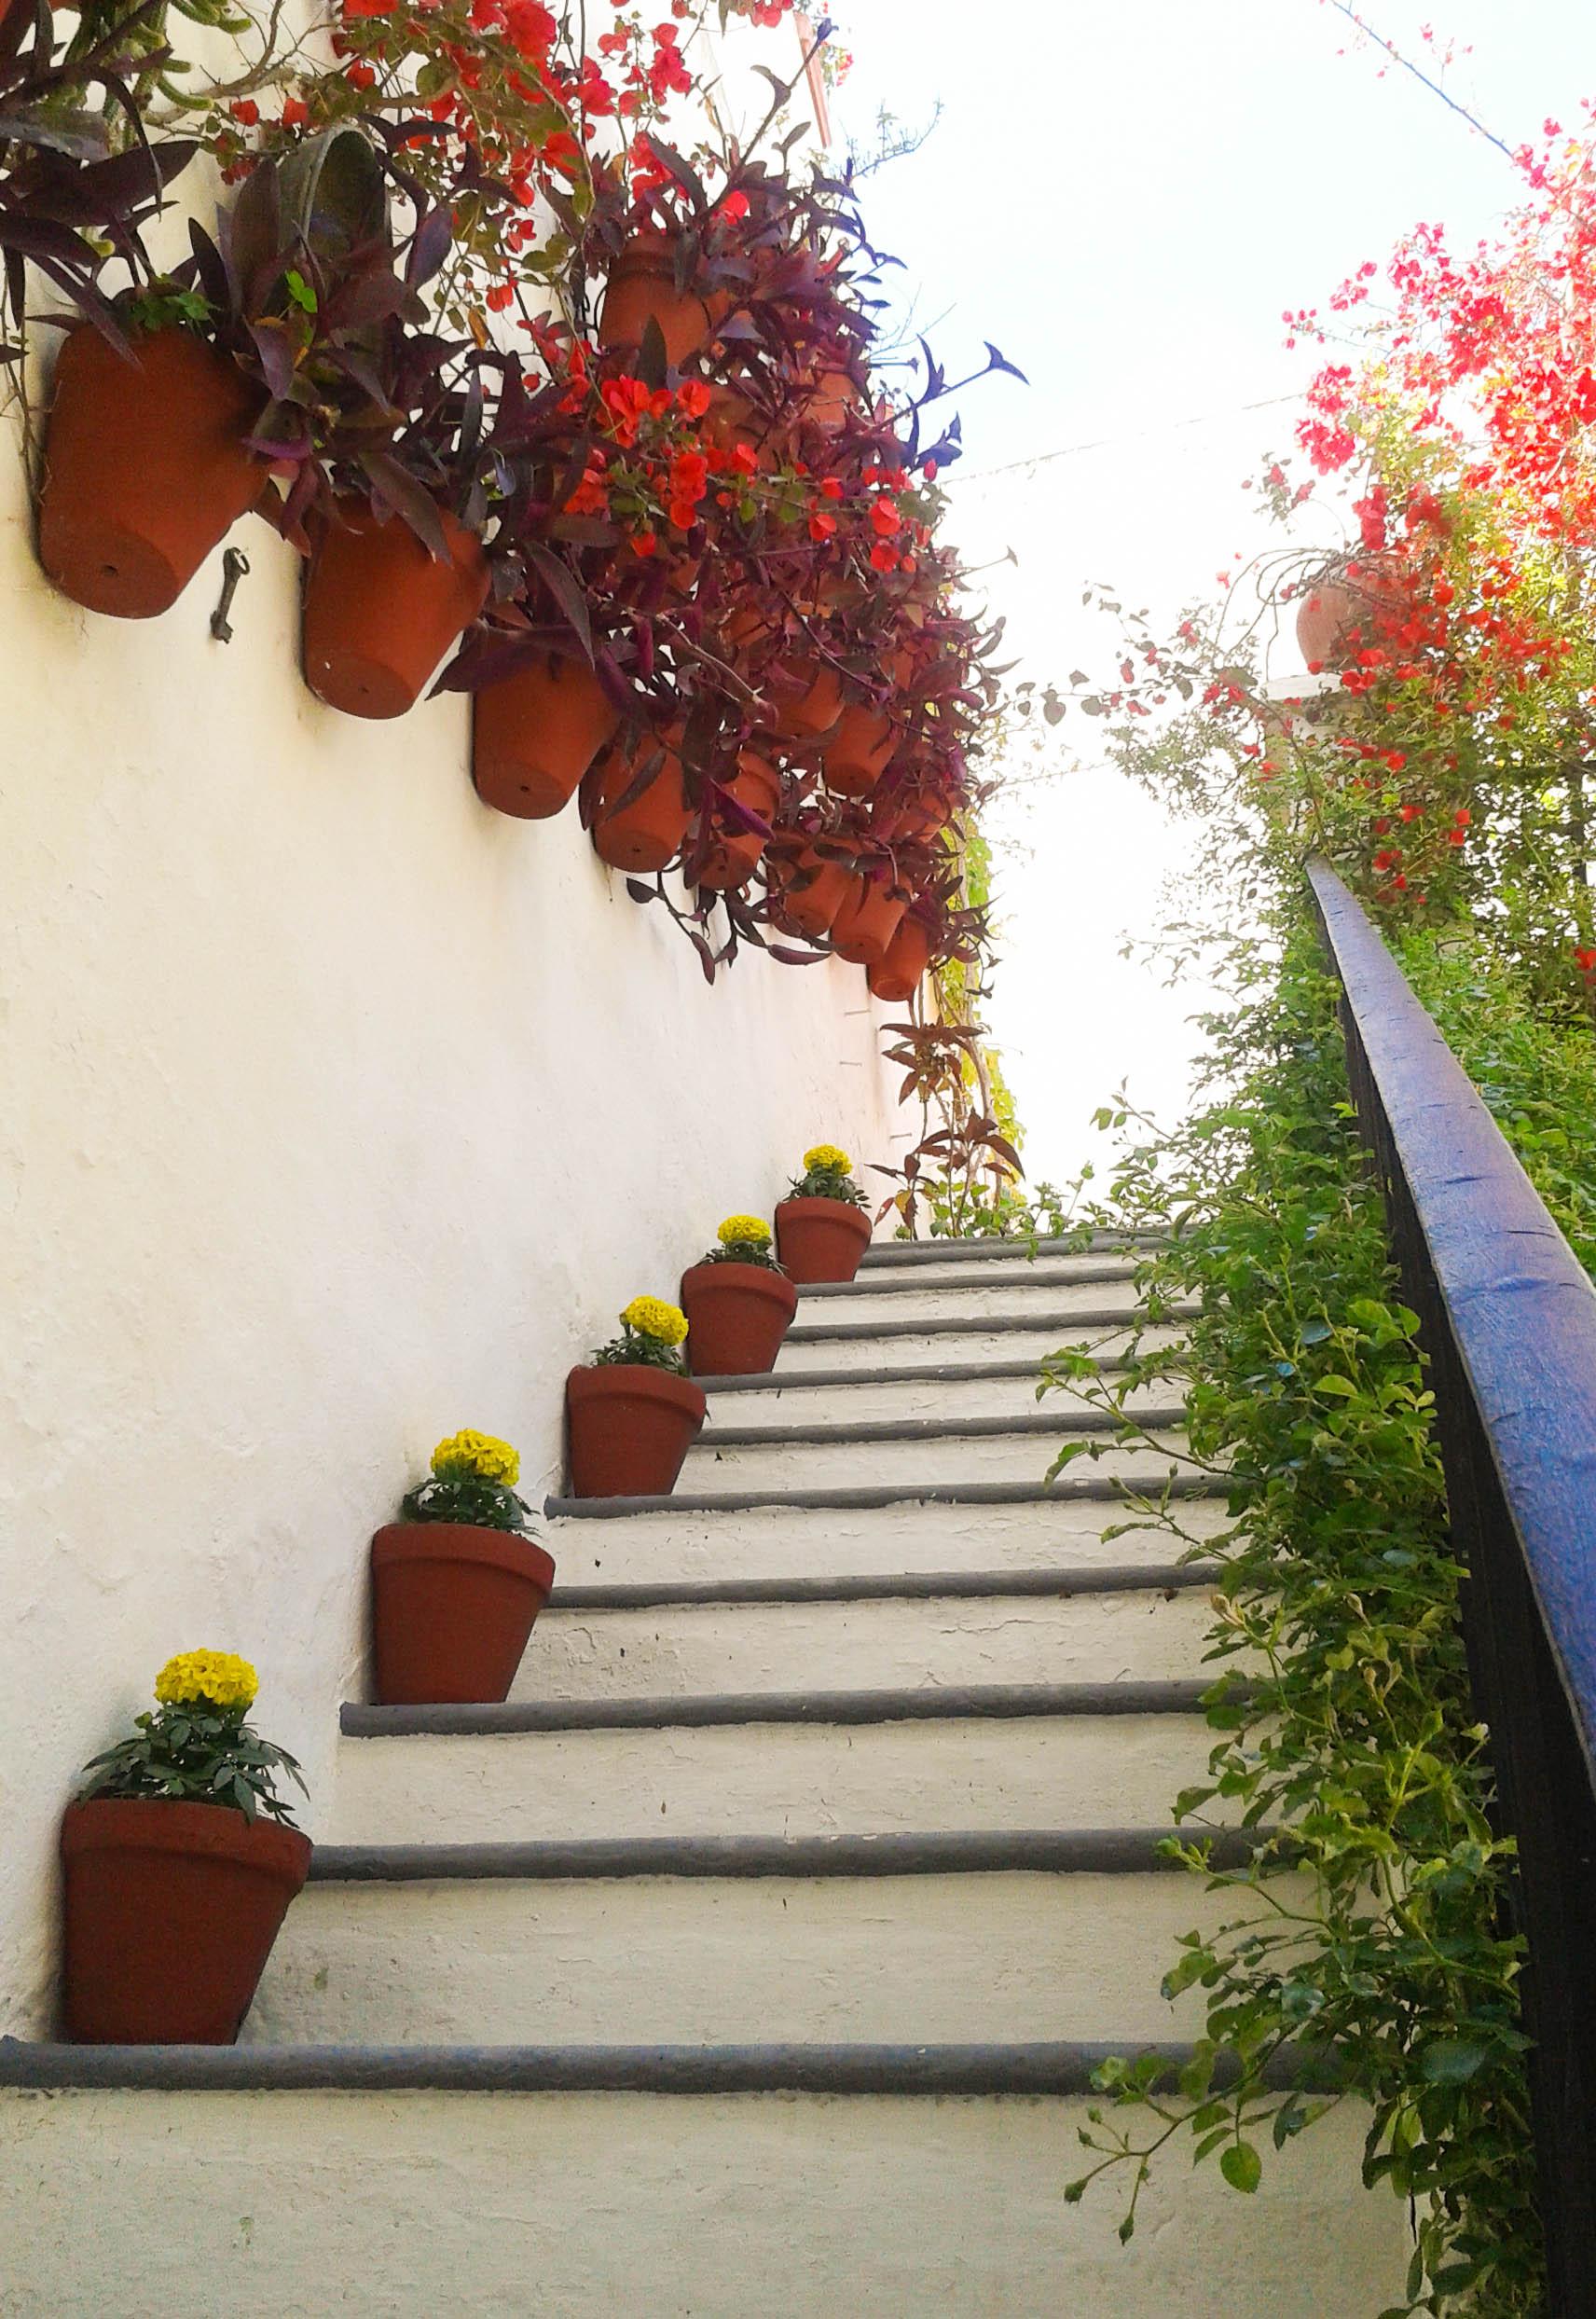 escalera tipica patio cordobes